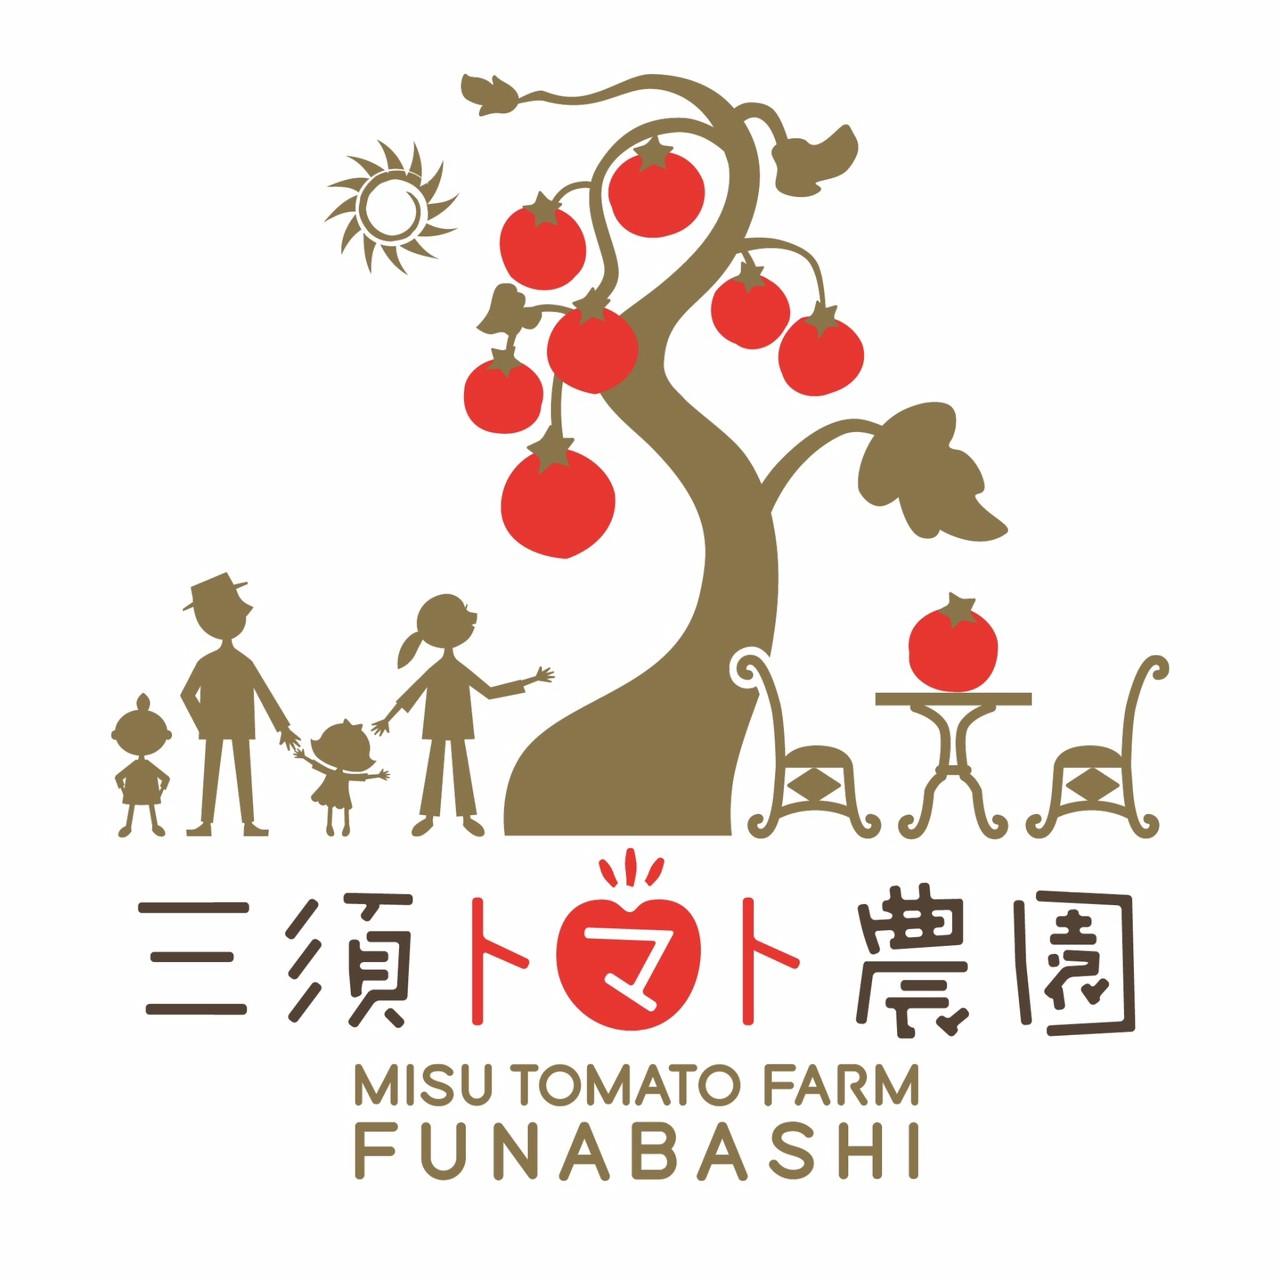 三須トマト農園さまのロゴ